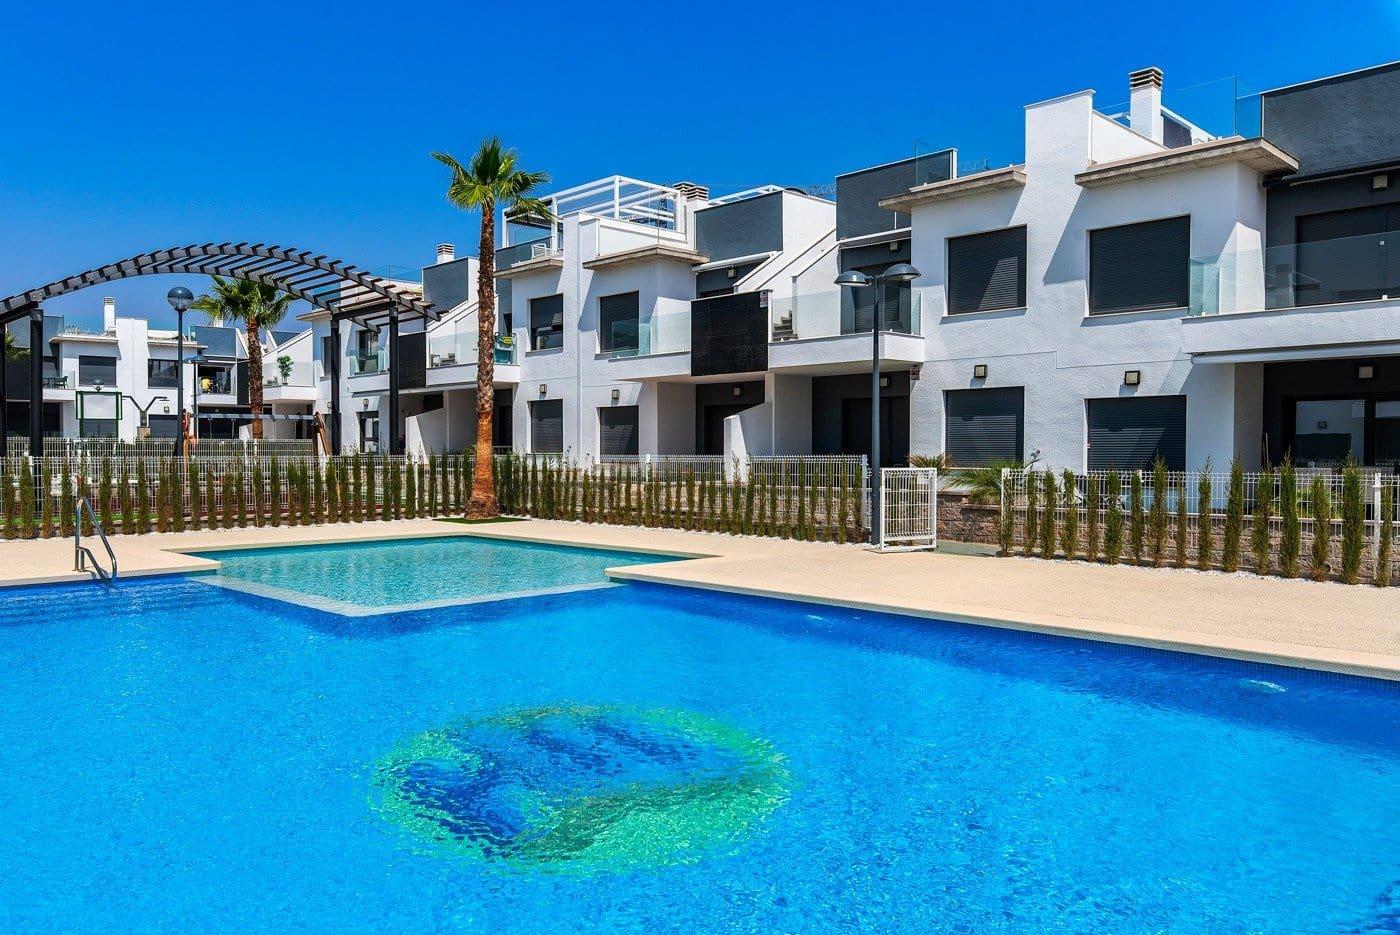 Bungalow de 2 habitaciones en Pilar de la Horadada en venta con piscina - 179.900 € (Ref: 3542439)